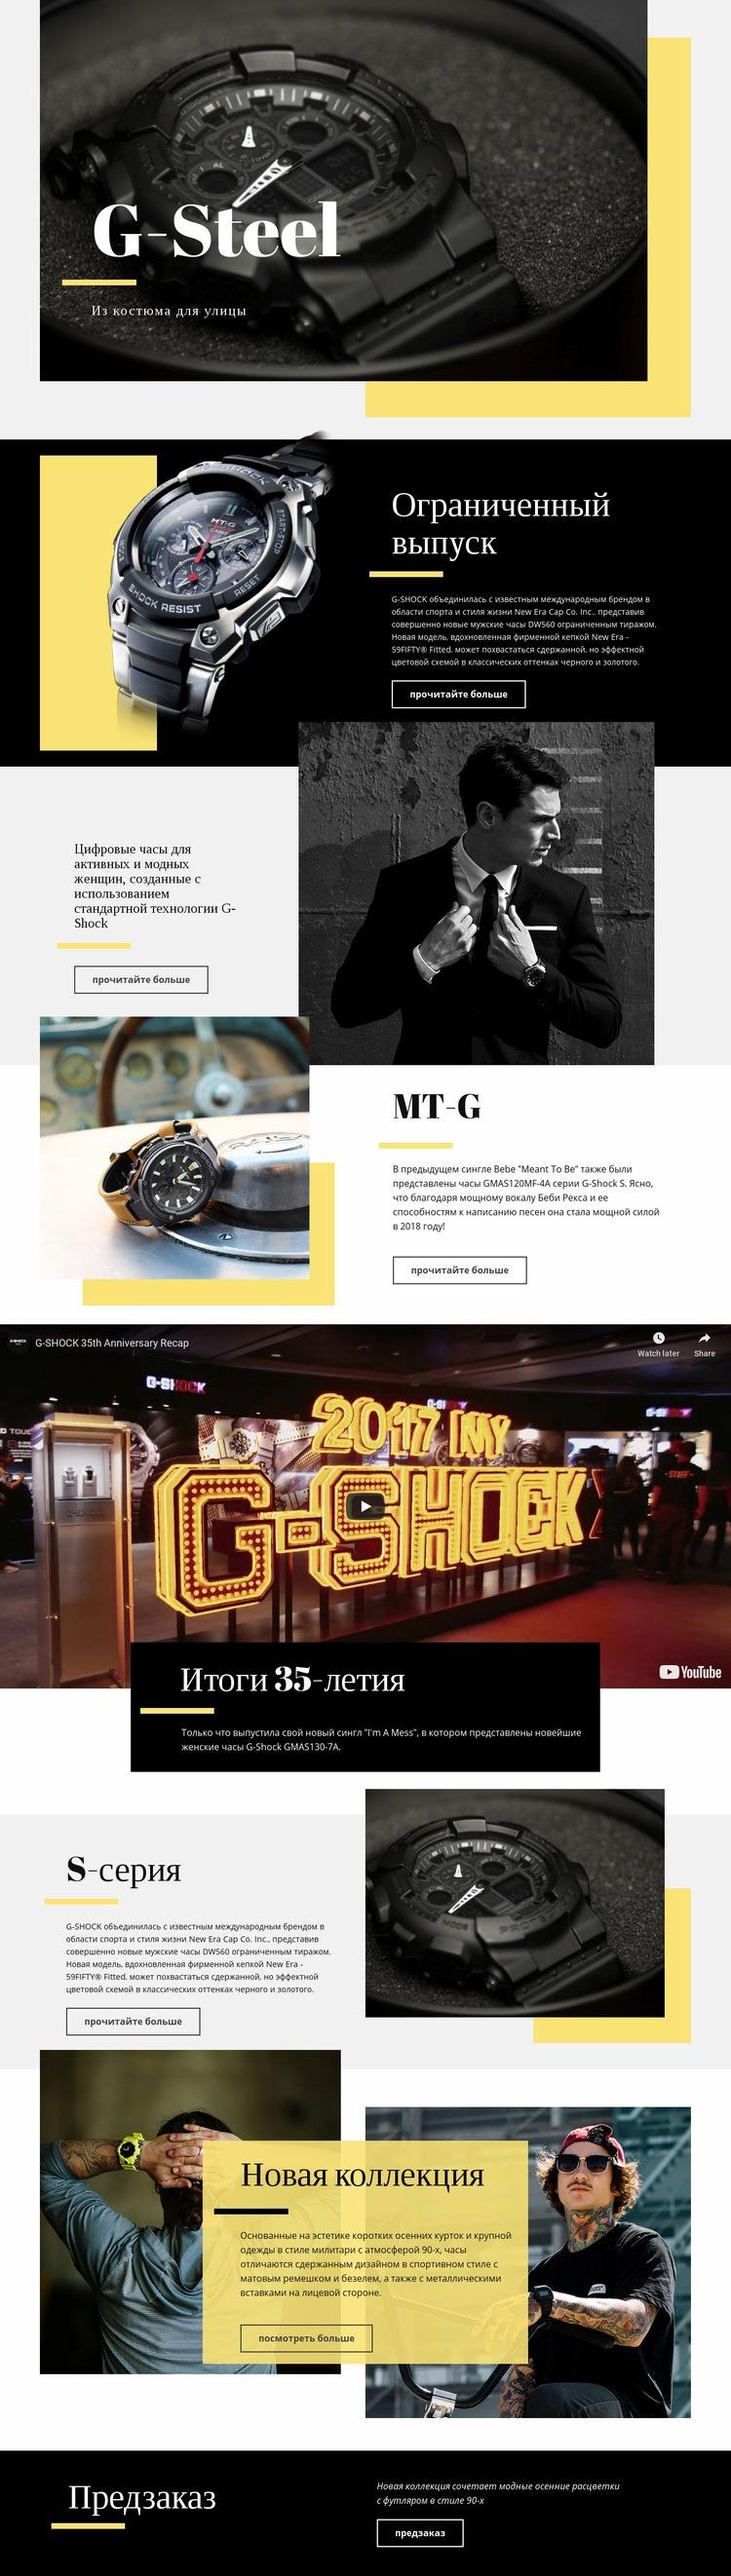 G-Steel Шаблон веб-сайта